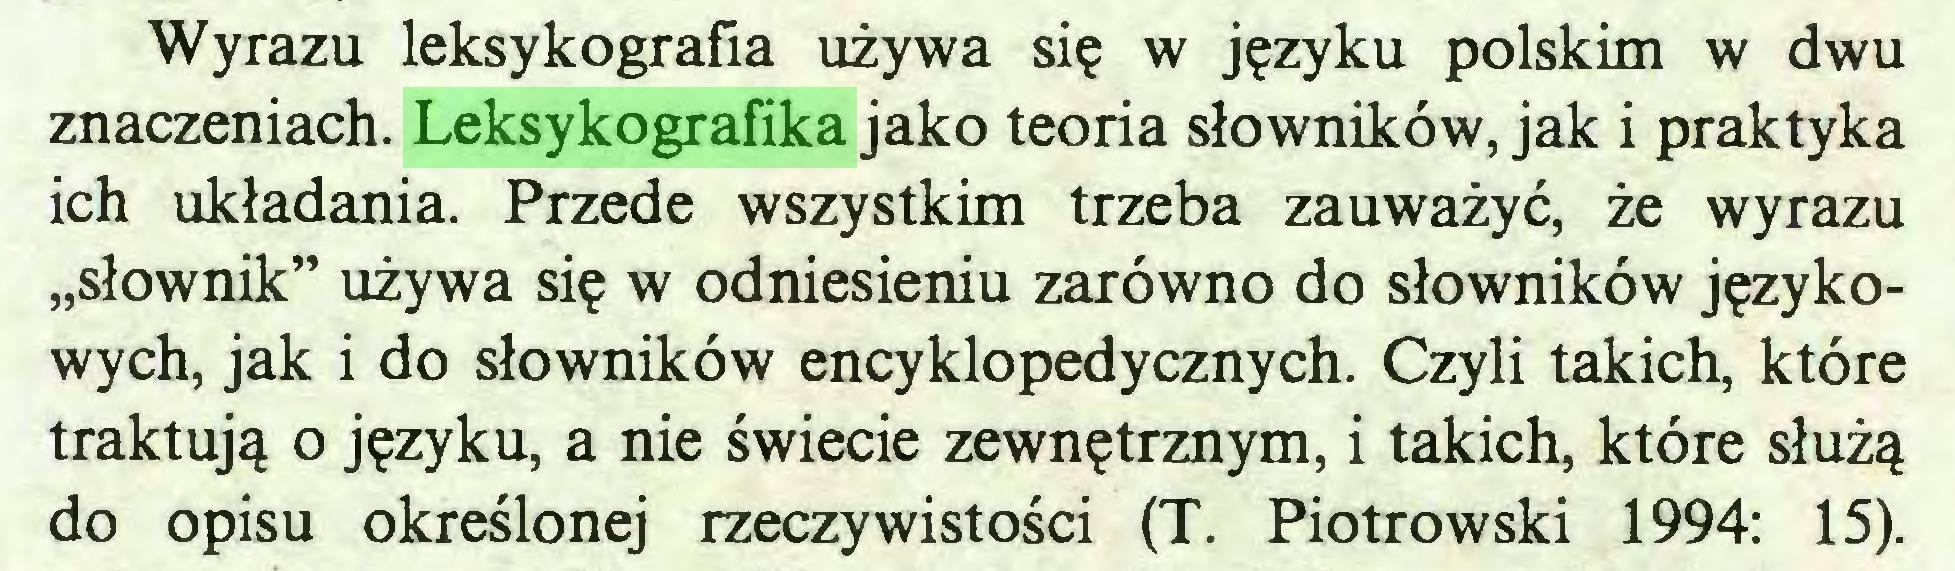 """(...) Wyrazu leksykografia używa się w języku polskim w dwu znaczeniach. Leksykografika jako teoria słowników, jak i praktyka ich układania. Przede wszystkim trzeba zauważyć, że wyrazu """"słownik"""" używa się w odniesieniu zarówno do słowników językowych, jak i do słowników encyklopedycznych. Czyli takich, które traktują o języku, a nie świecie zewnętrznym, i takich, które służą do opisu określonej rzeczywistości (T. Piotrowski 1994: 15)..."""